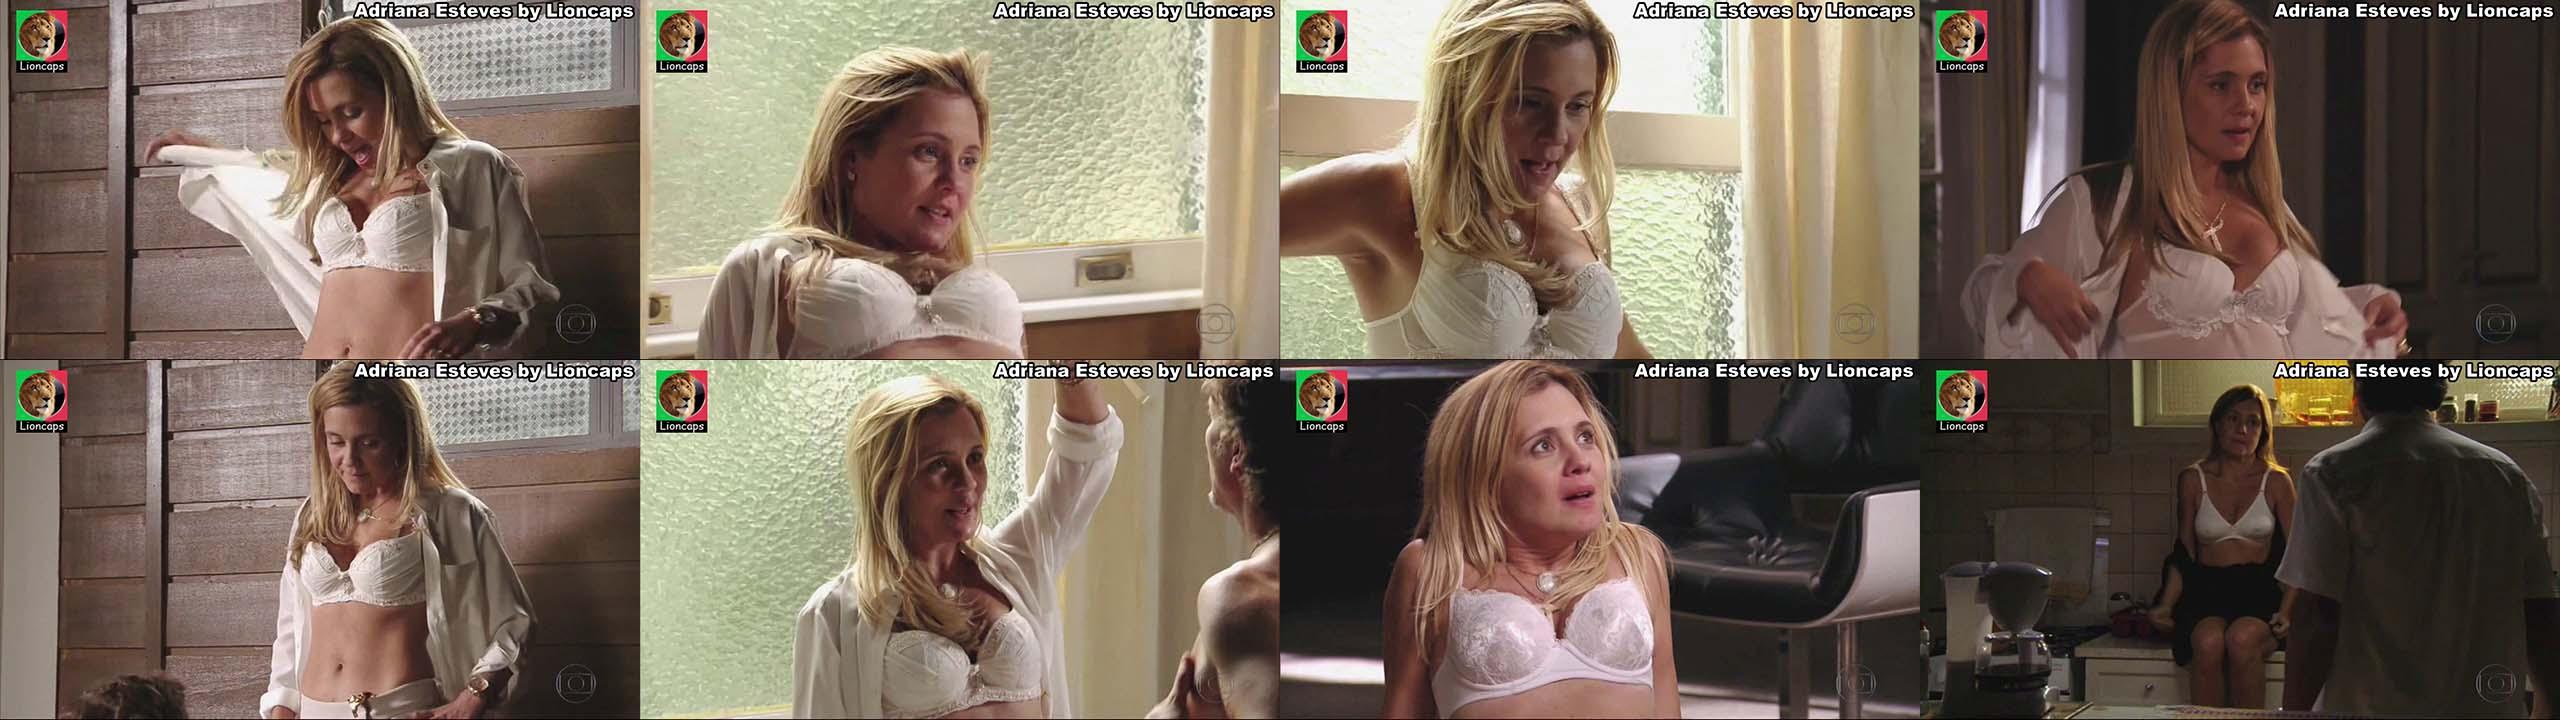 992015089_adriana_esteves_av_brasil_1080_lioncaps_28_12_2018_02_122_223lo.jpg